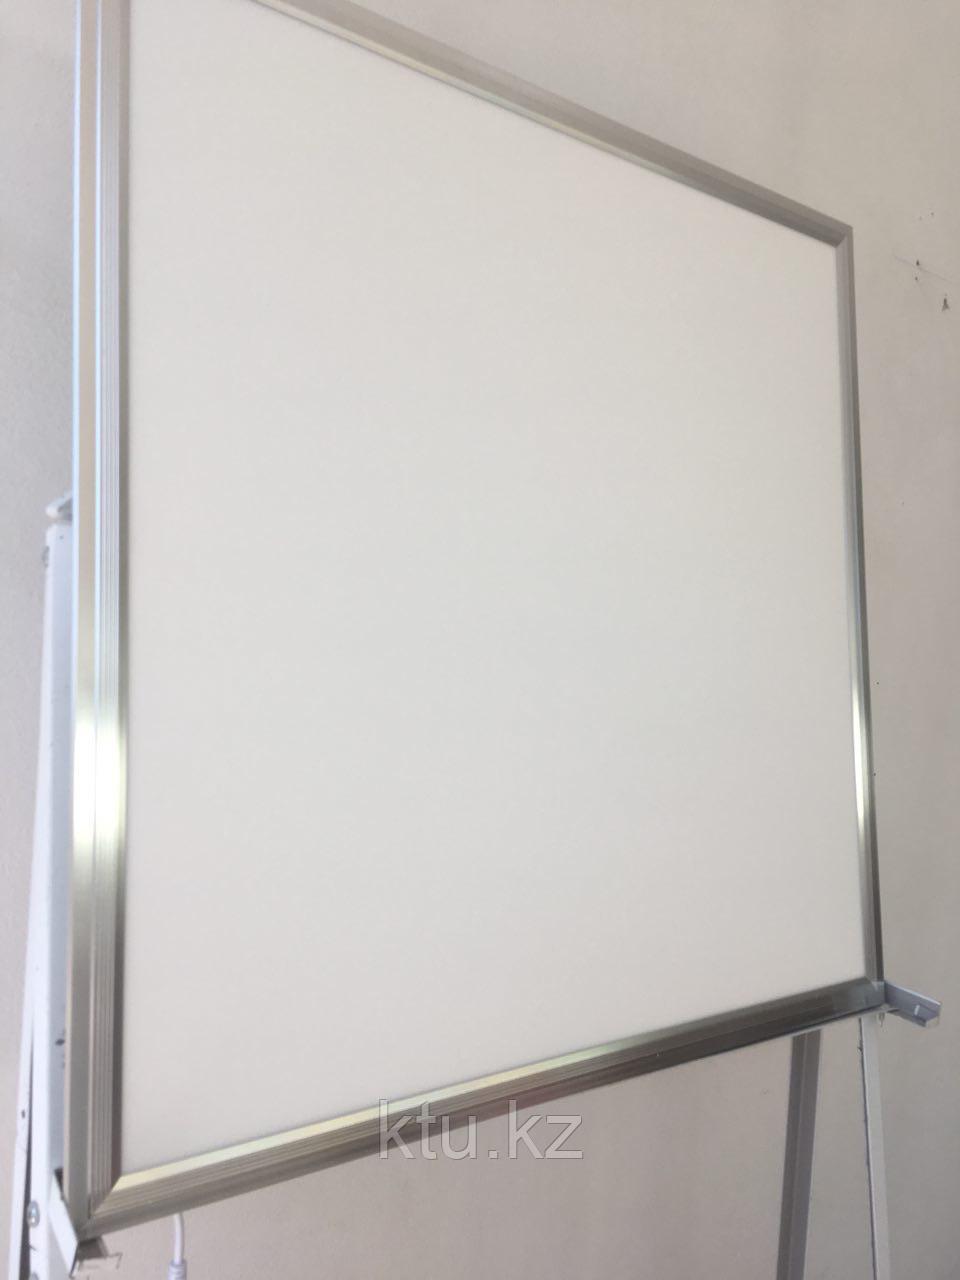 Светильник под армстронг для поликлиник JL-6060 36W 1год гарантия,наружный